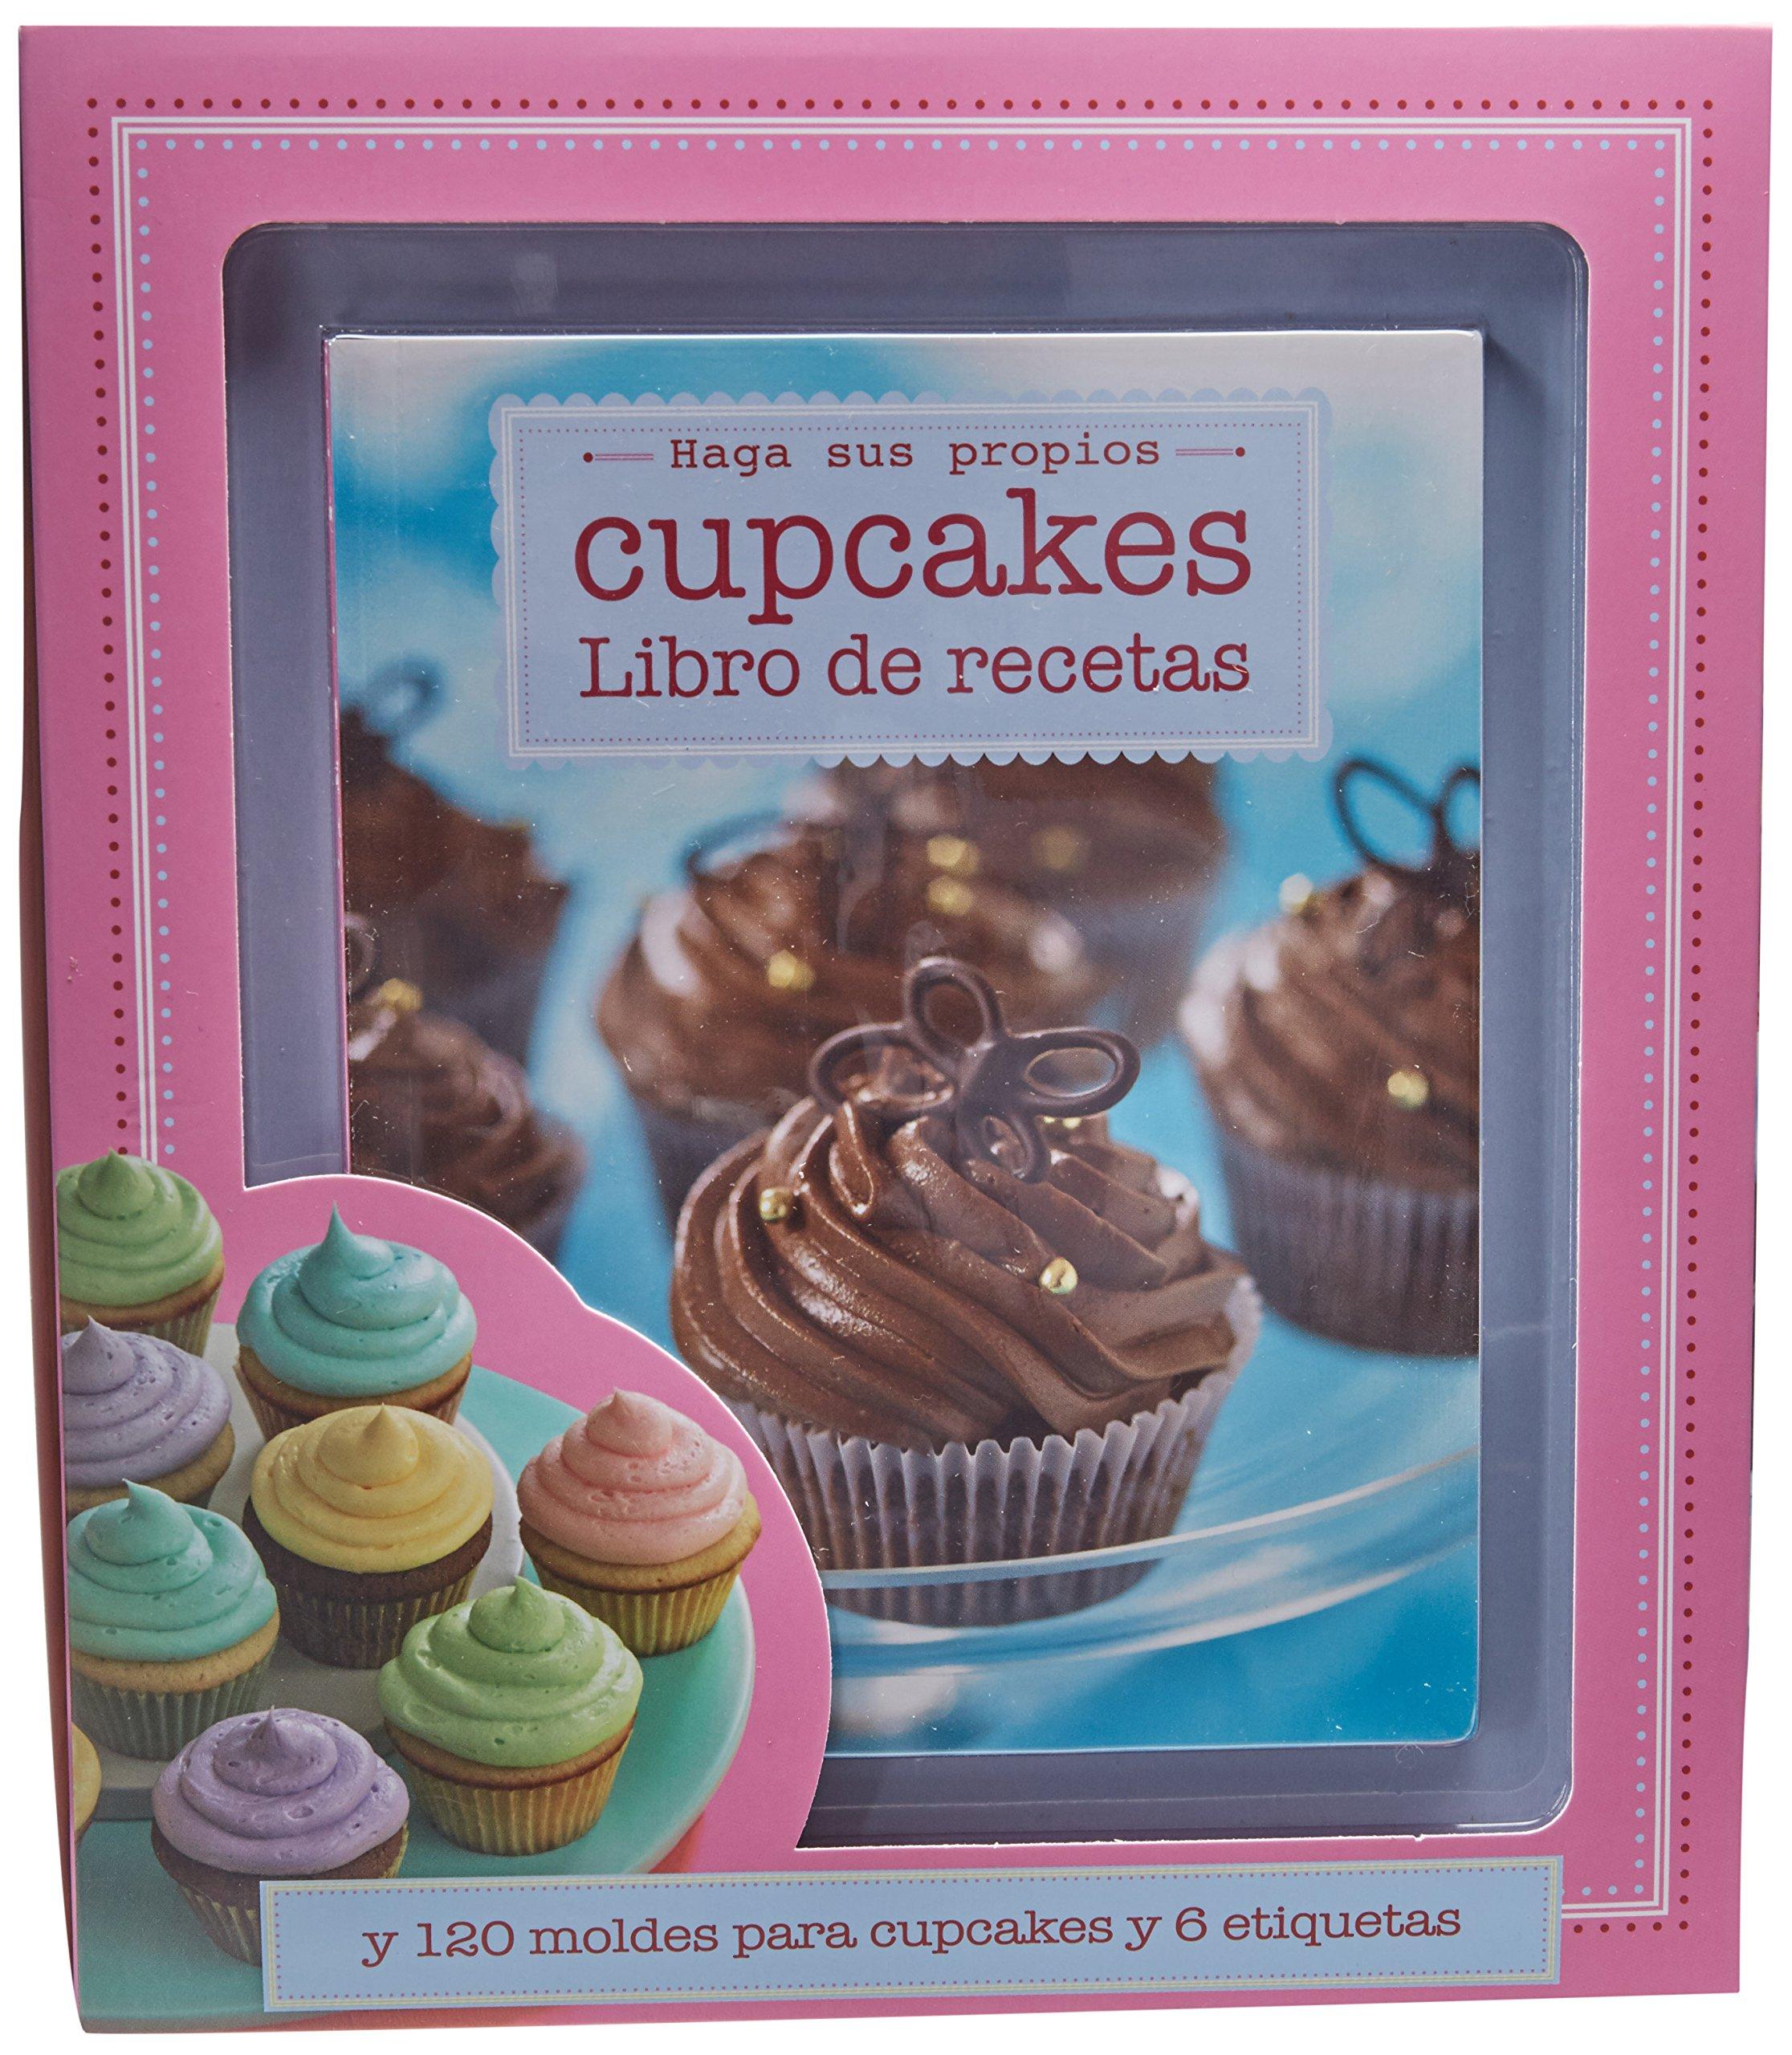 Haga sus propios Cupcakes (Box) (Spanish Edition): Parragon Books: 9781472344991: Amazon.com: Books